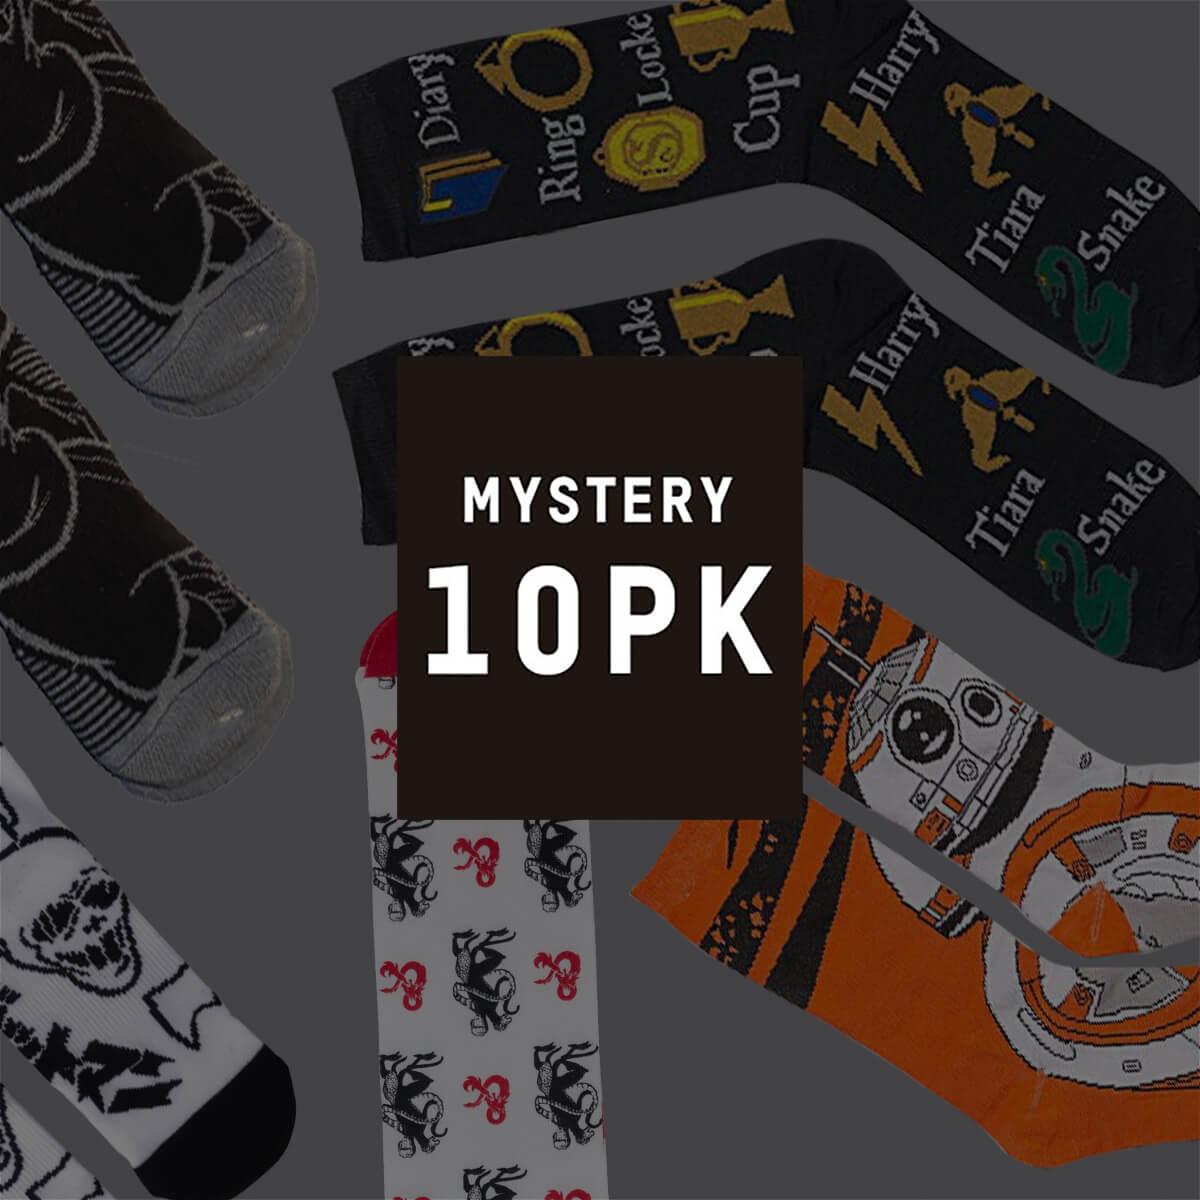 10-pack Mystery Geek Sokken voor €22,99 @Zavvi